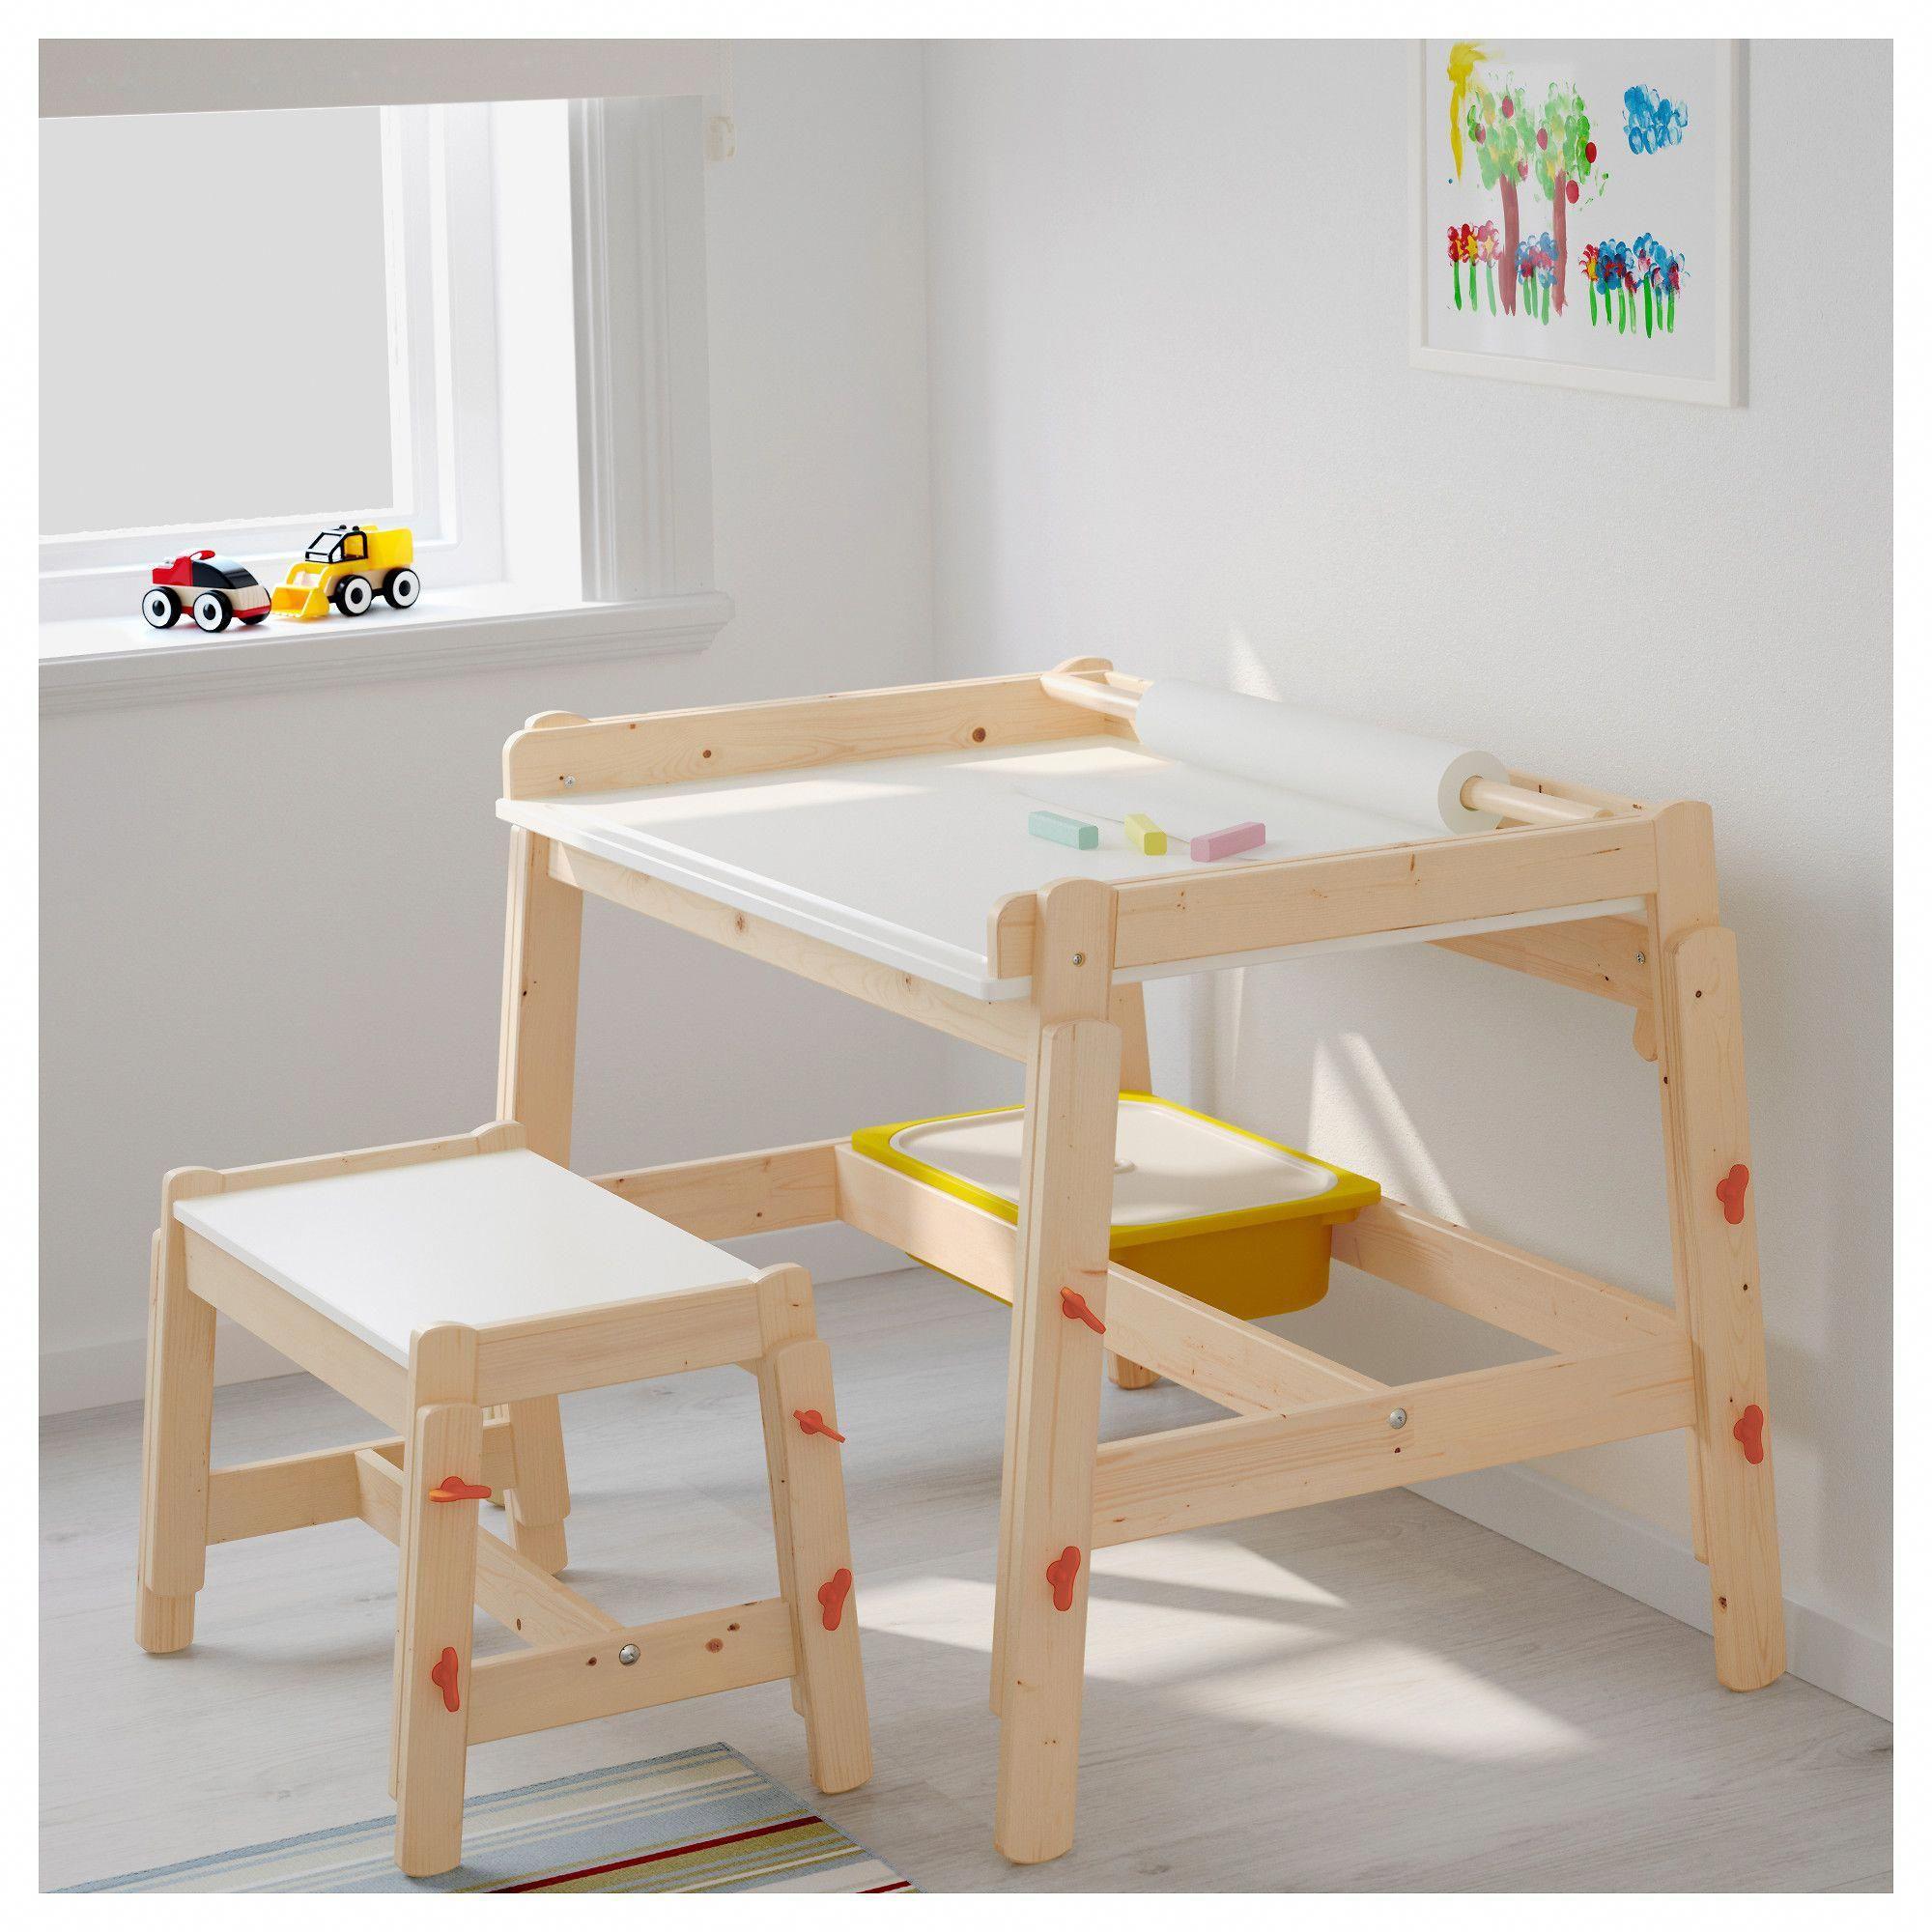 Ikea flisat childus bench adjustable childrenbenchideas